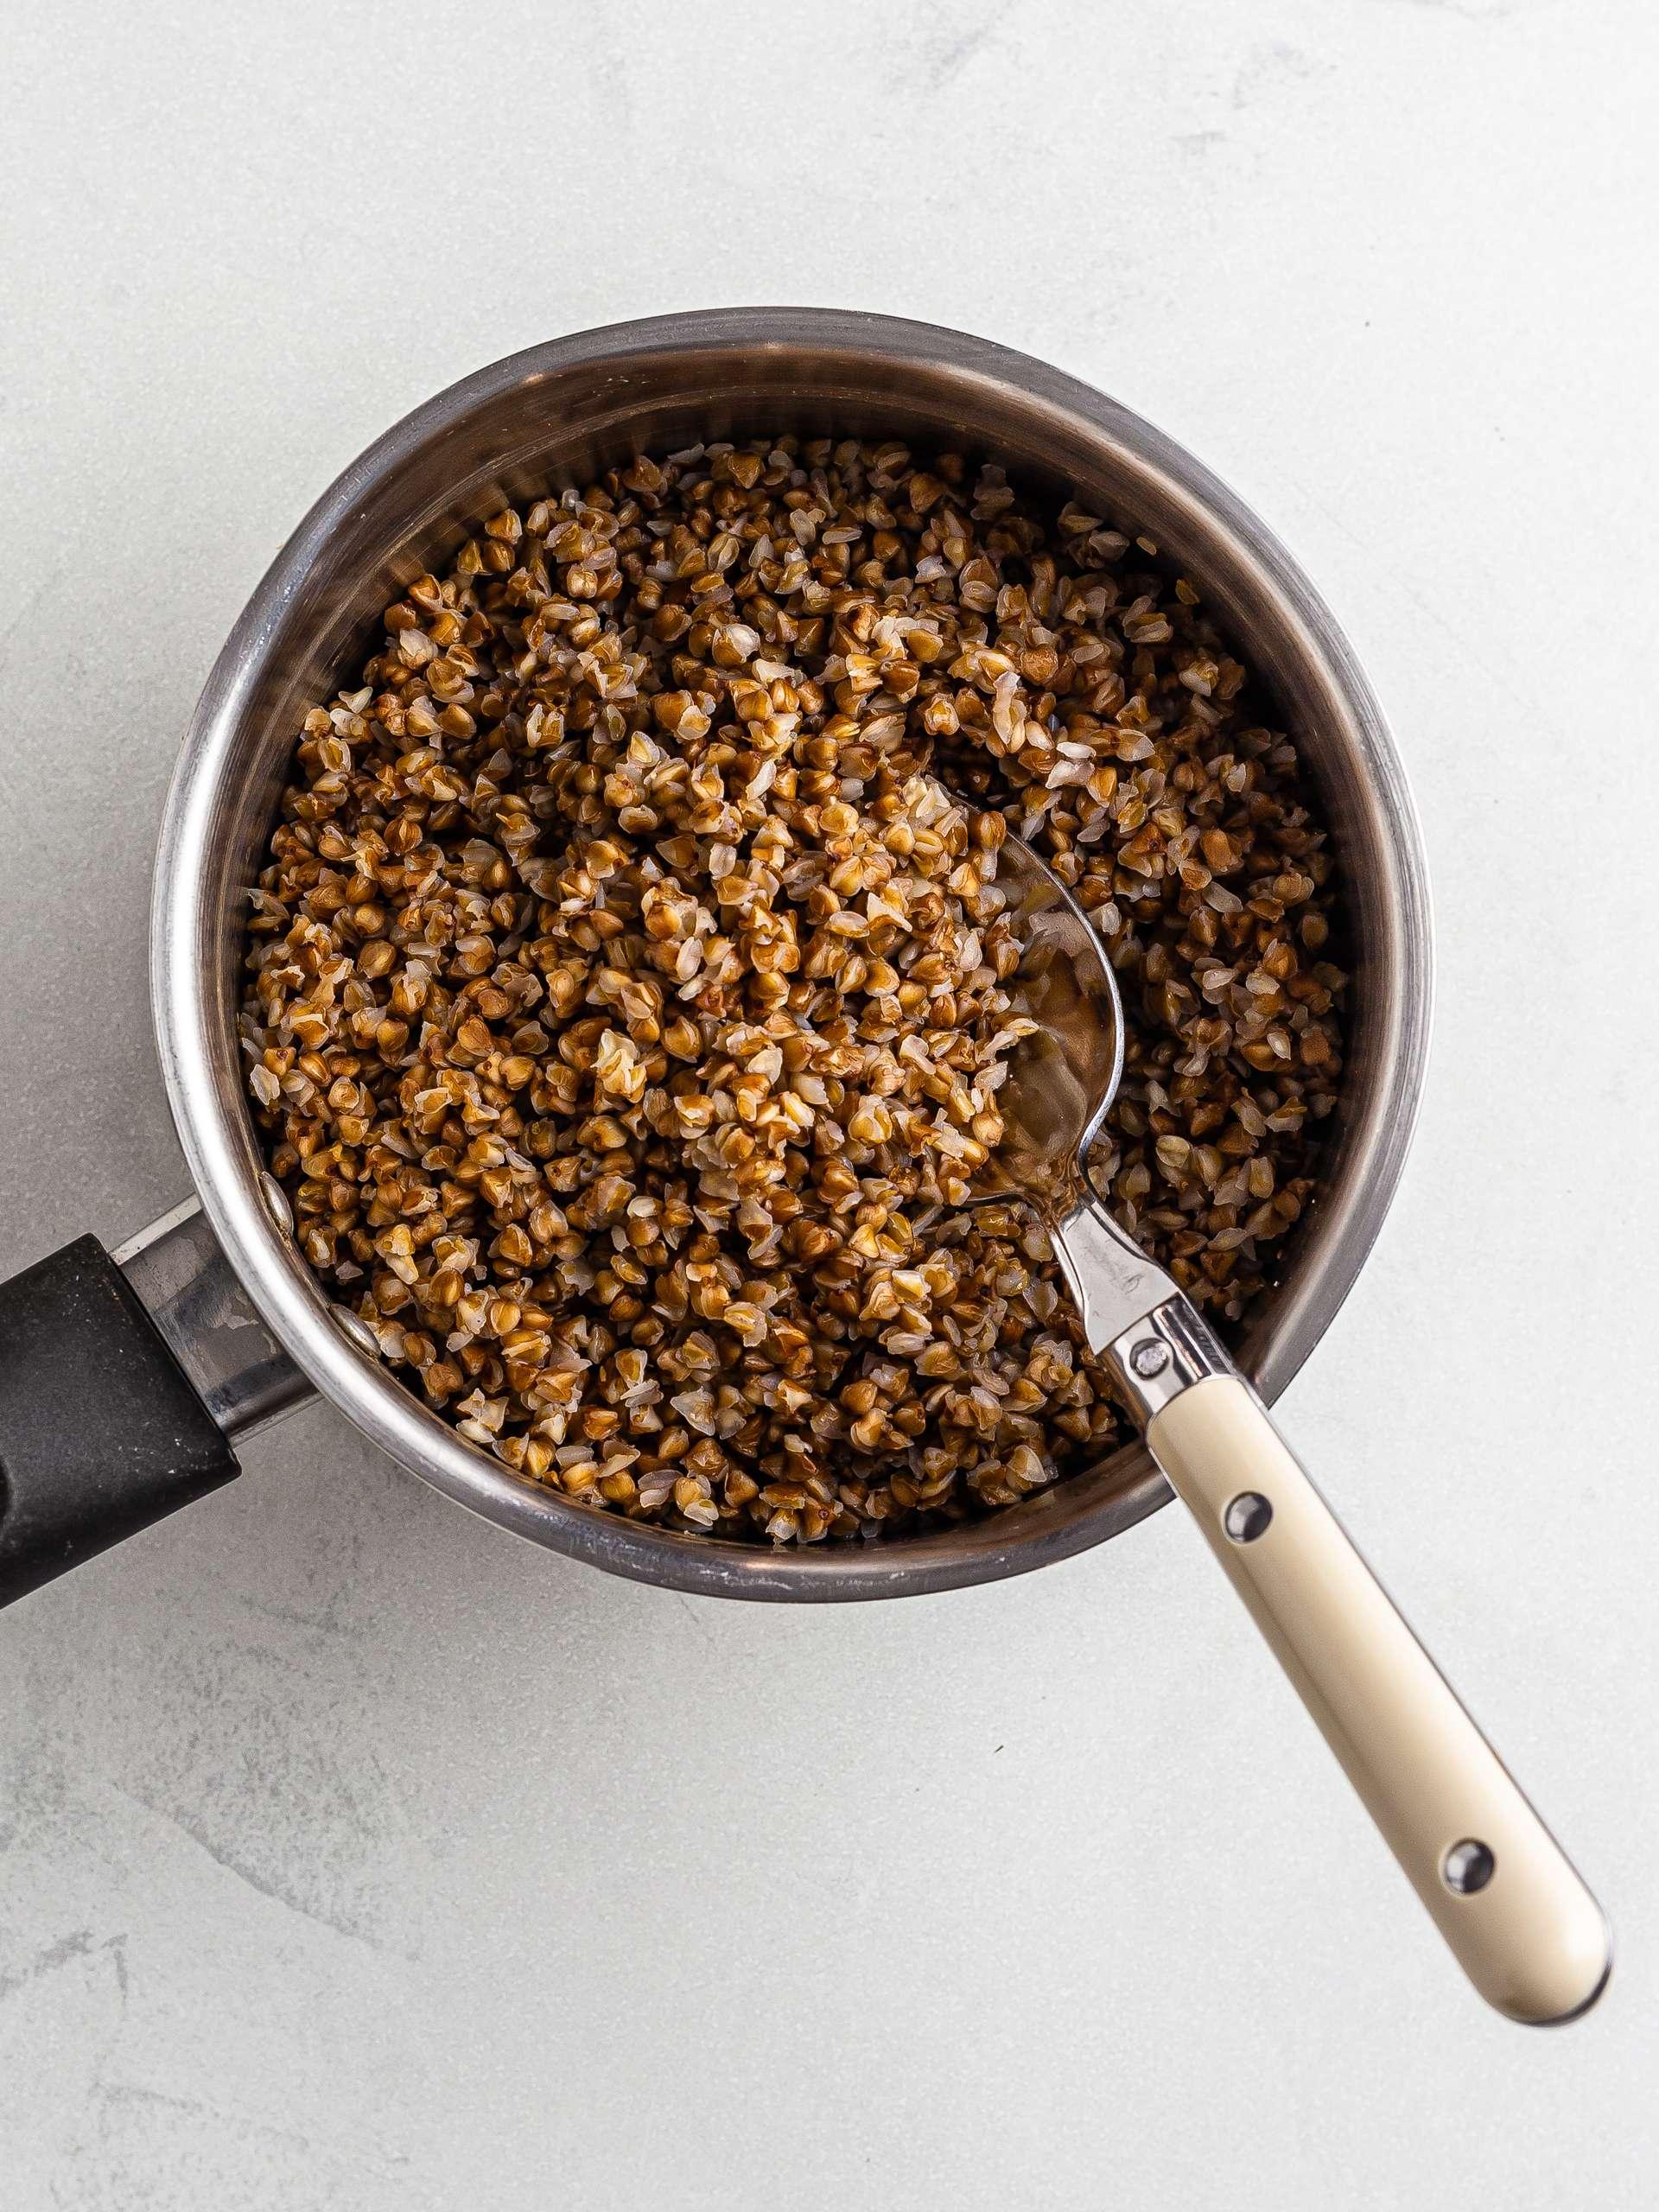 cooked roasted buckwheat groats